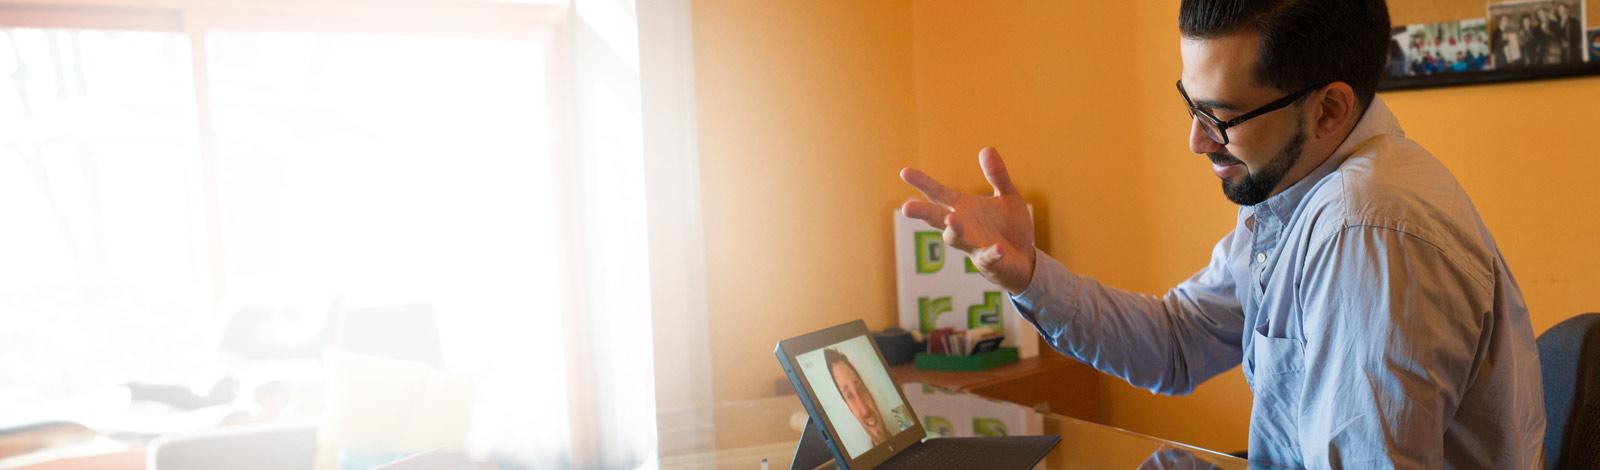 Egy táblagépen Office 365-beli videokonferencián részt vevő férfi.